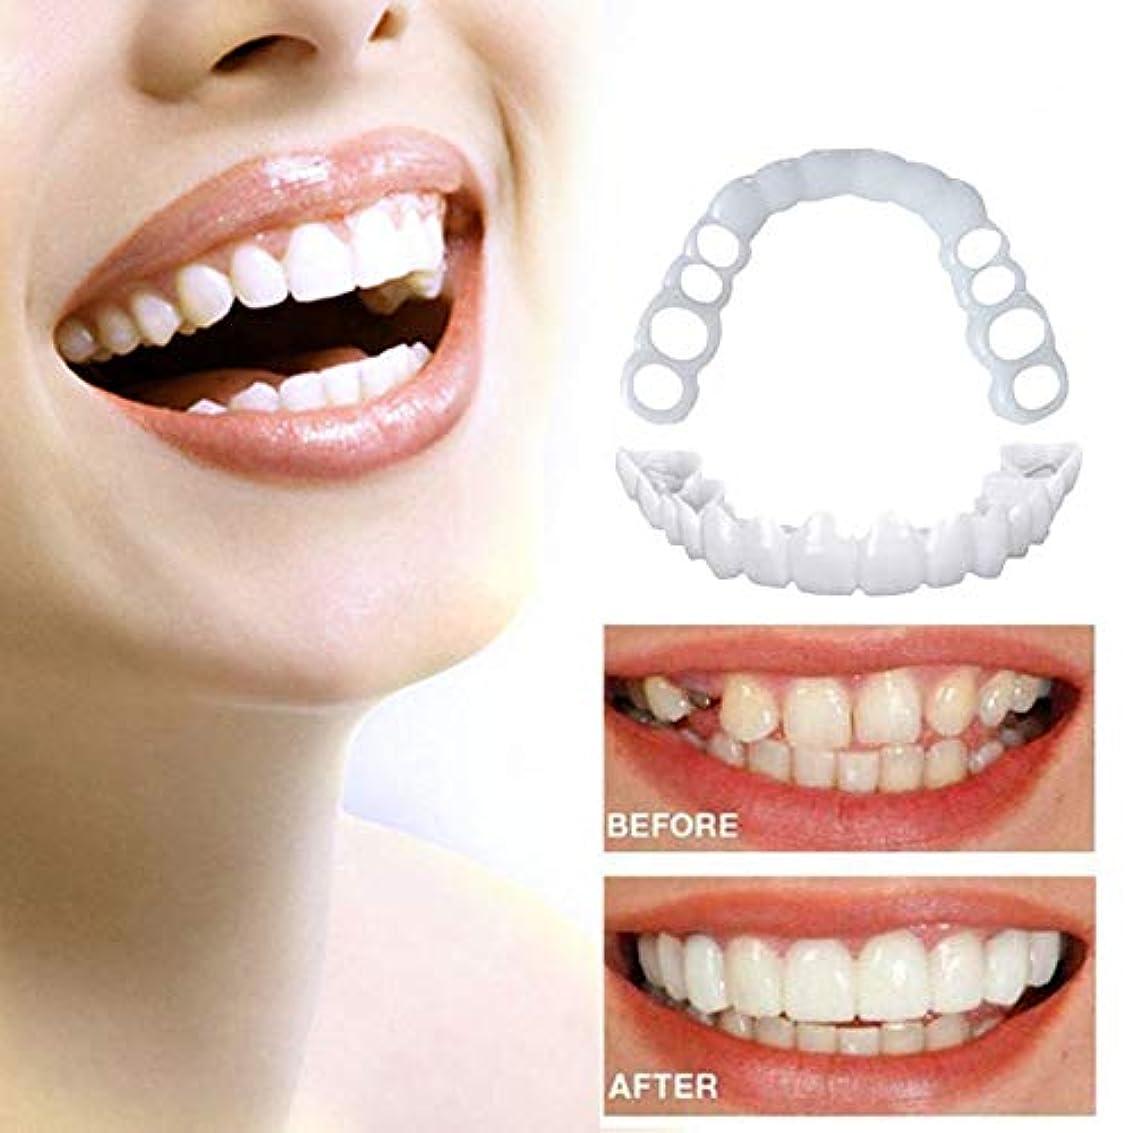 貴重な種をまくデコレーション素朴な義歯入れ歯ホワイトニングインスタントパーフェクトスマイルトップとボトム快適なスナップオンフェイクトゥースカバー模擬歯男性用女性(2本)